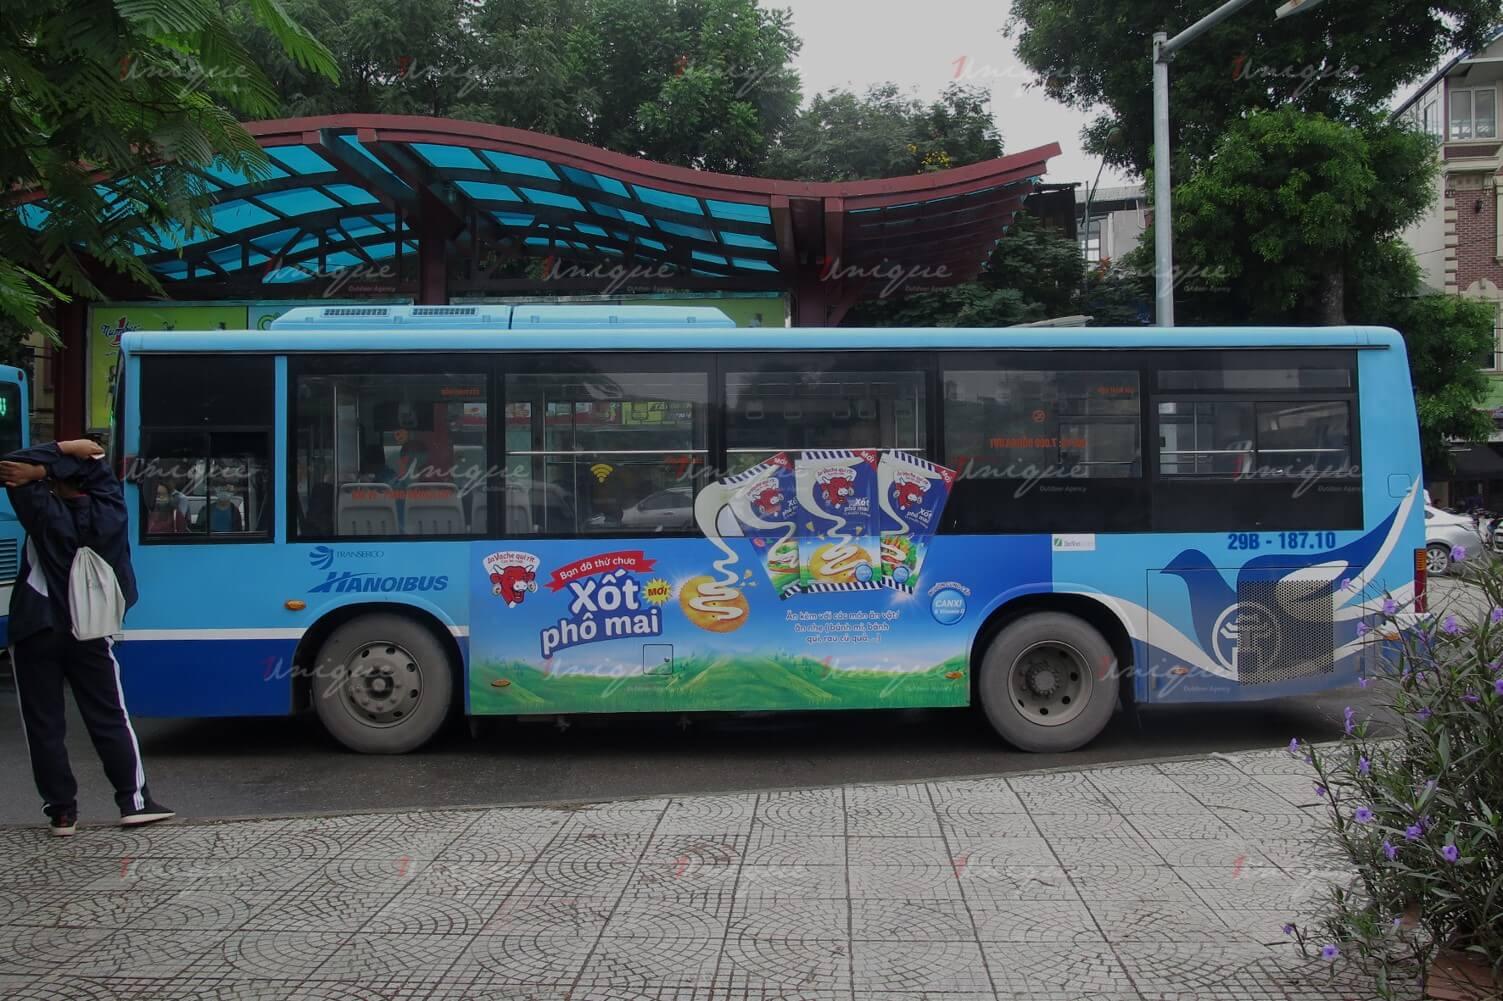 quảng cáo xe buýt cho con bò cười